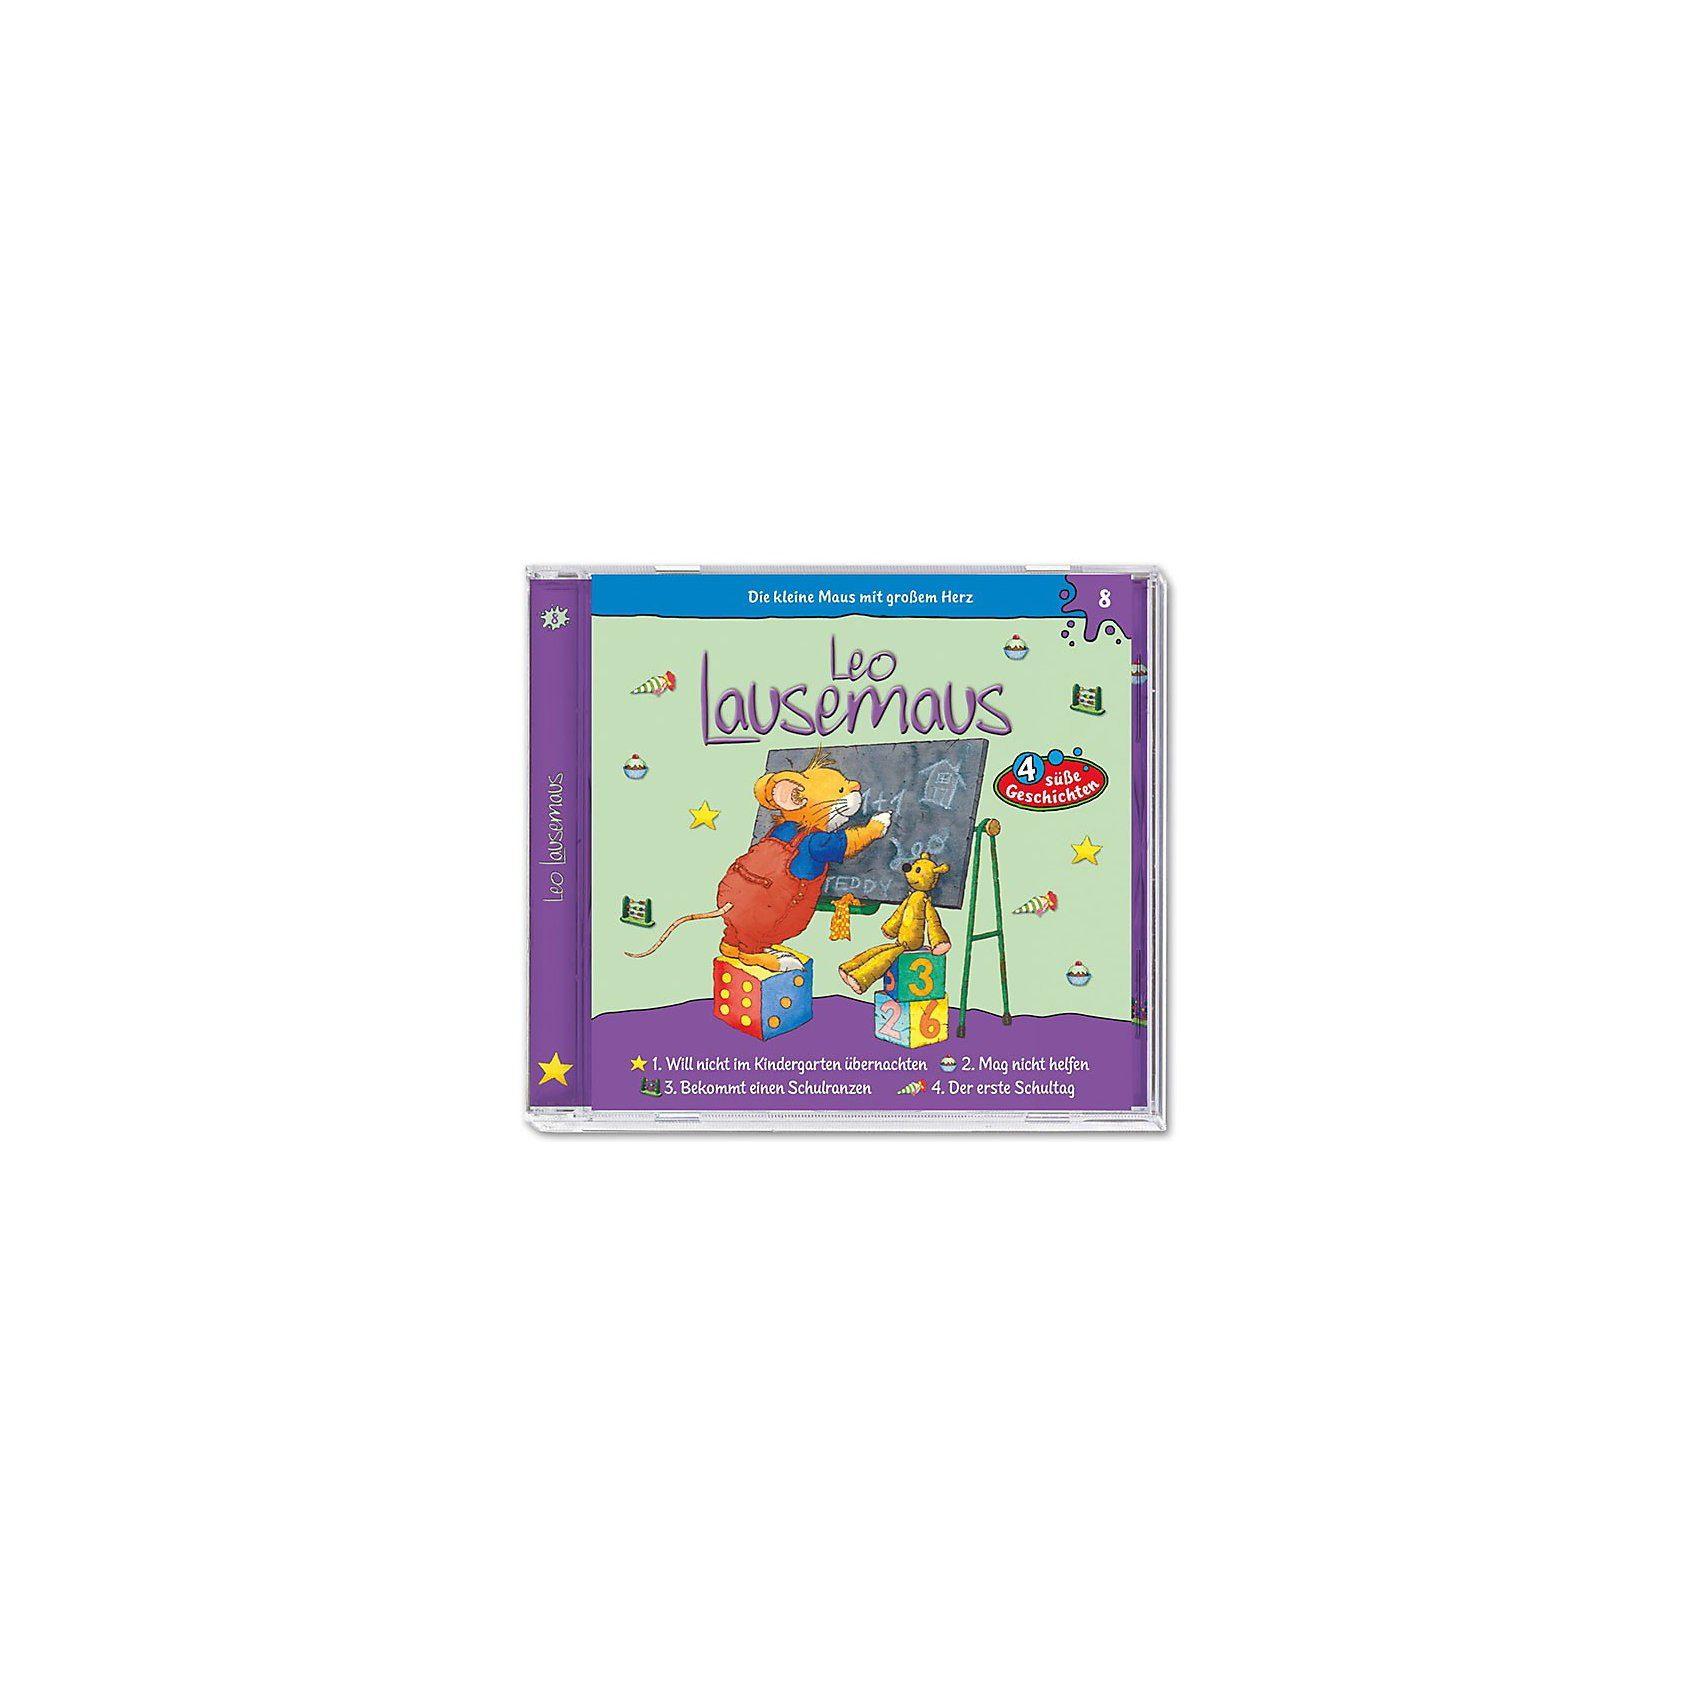 Kiddinx CD Leo Lausemaus - Folge 8 - Will nicht im Kindergarten über